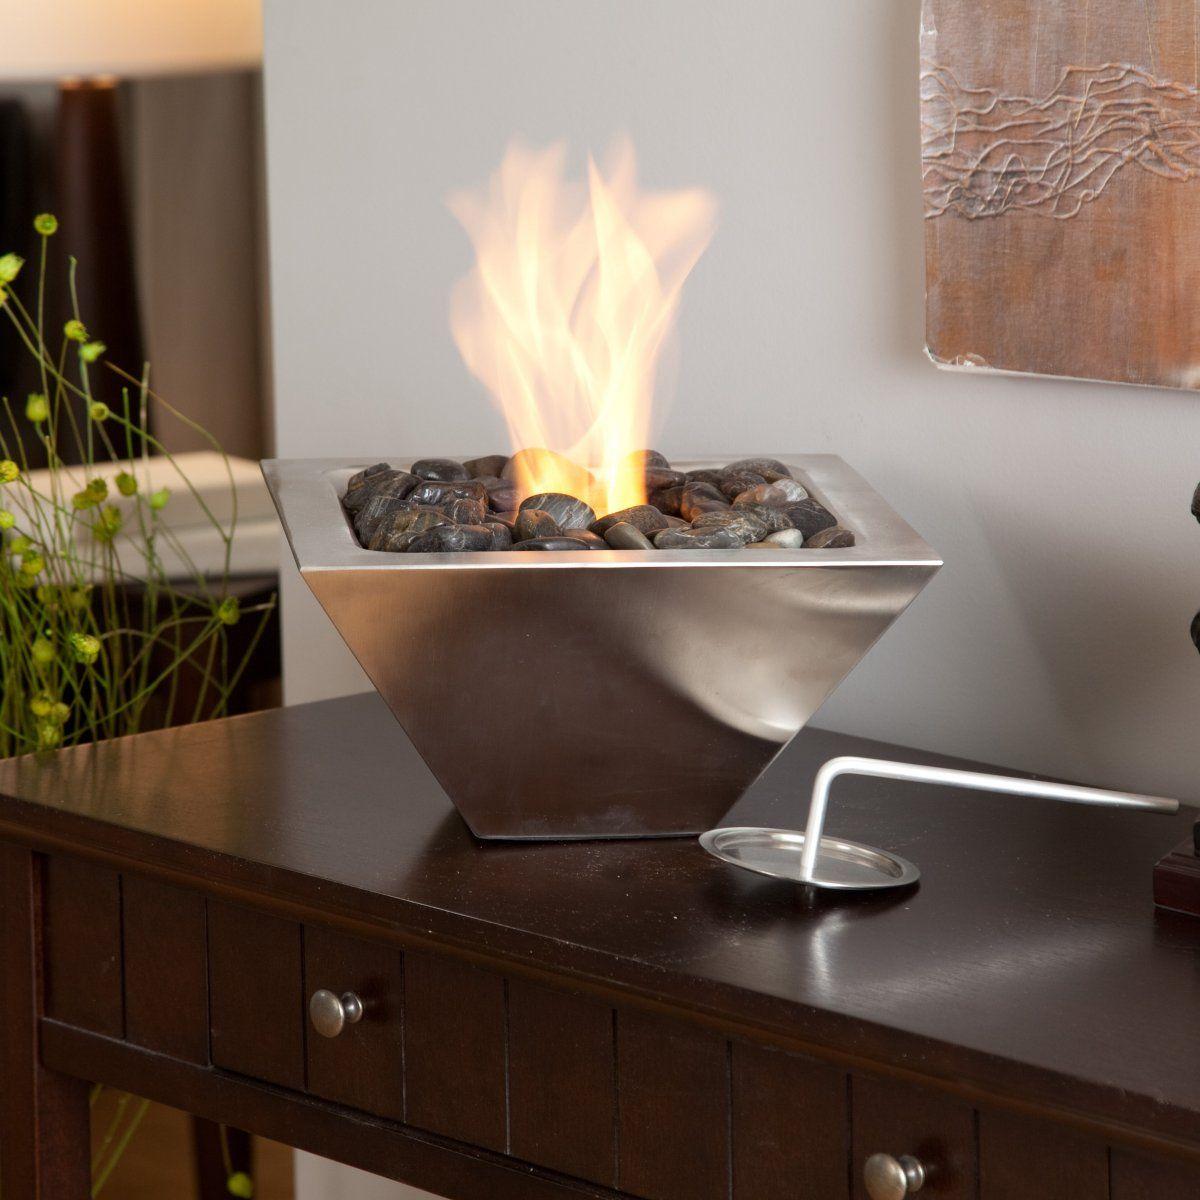 Indoor Outdoor Tabletop Fireplace Tabletop Fire Bowl Indoor Outdoor Fireplaces Tabletop Fireplaces